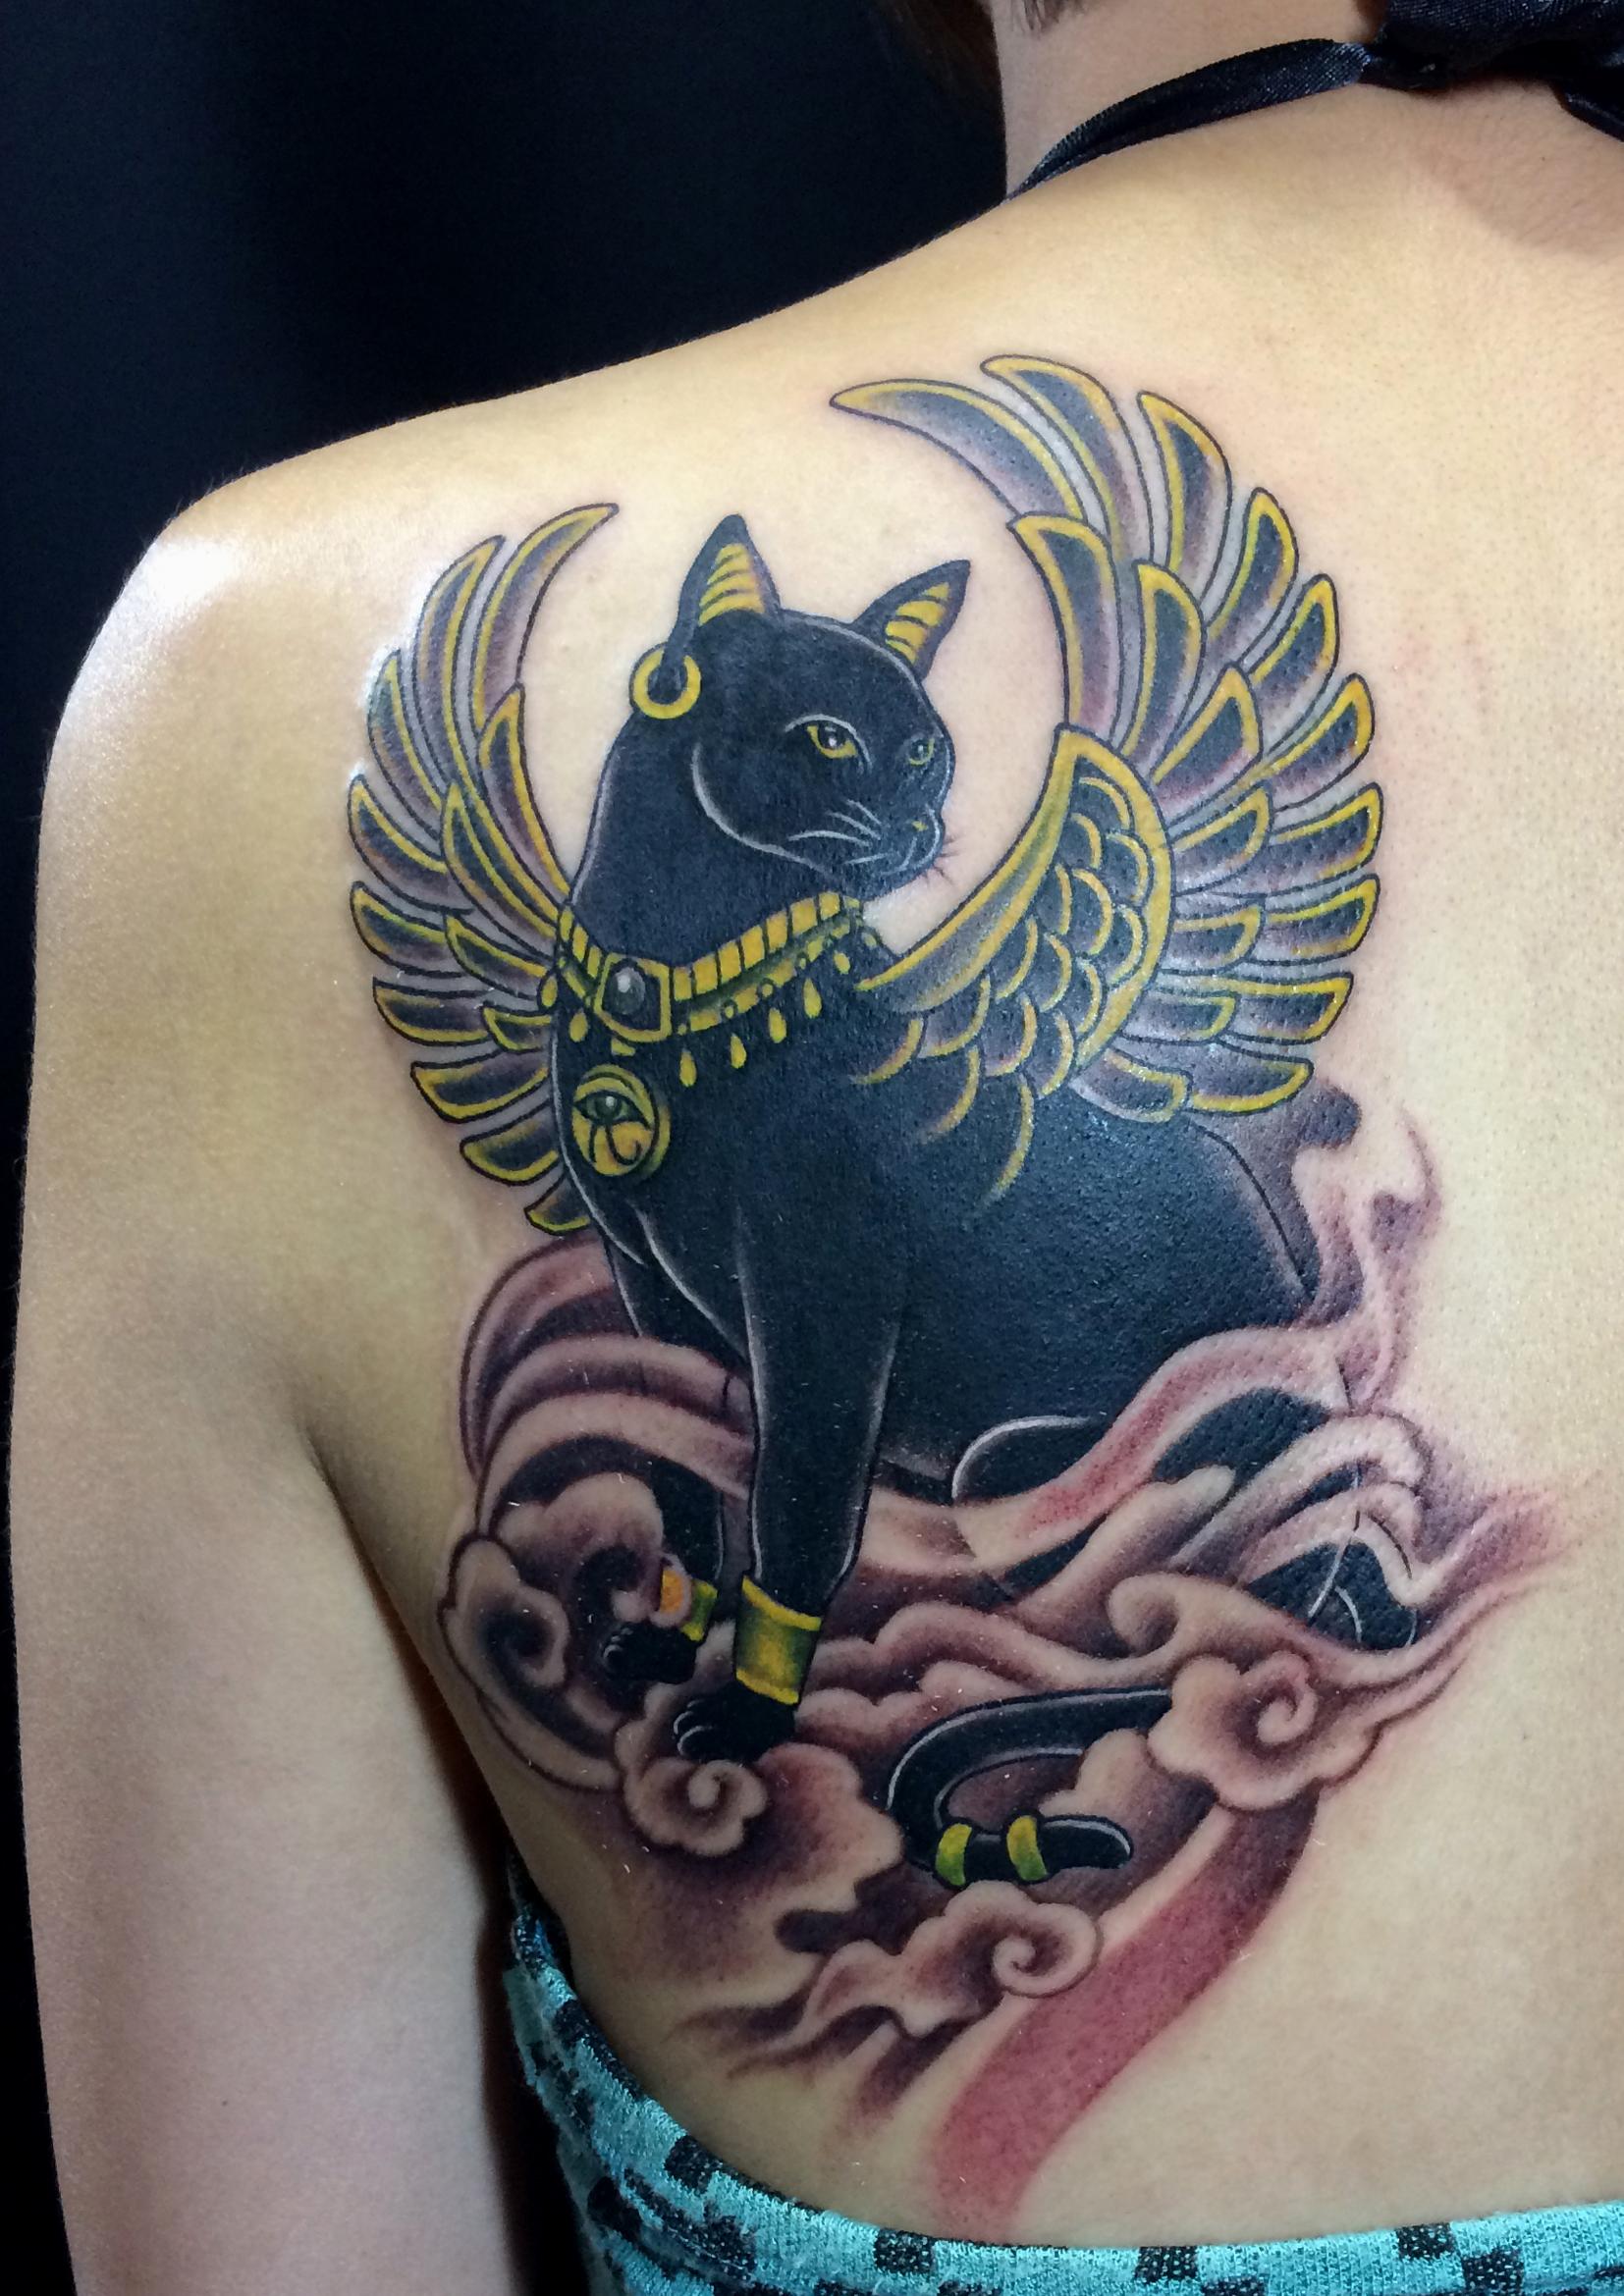 Egypt cat tattoo.jpg